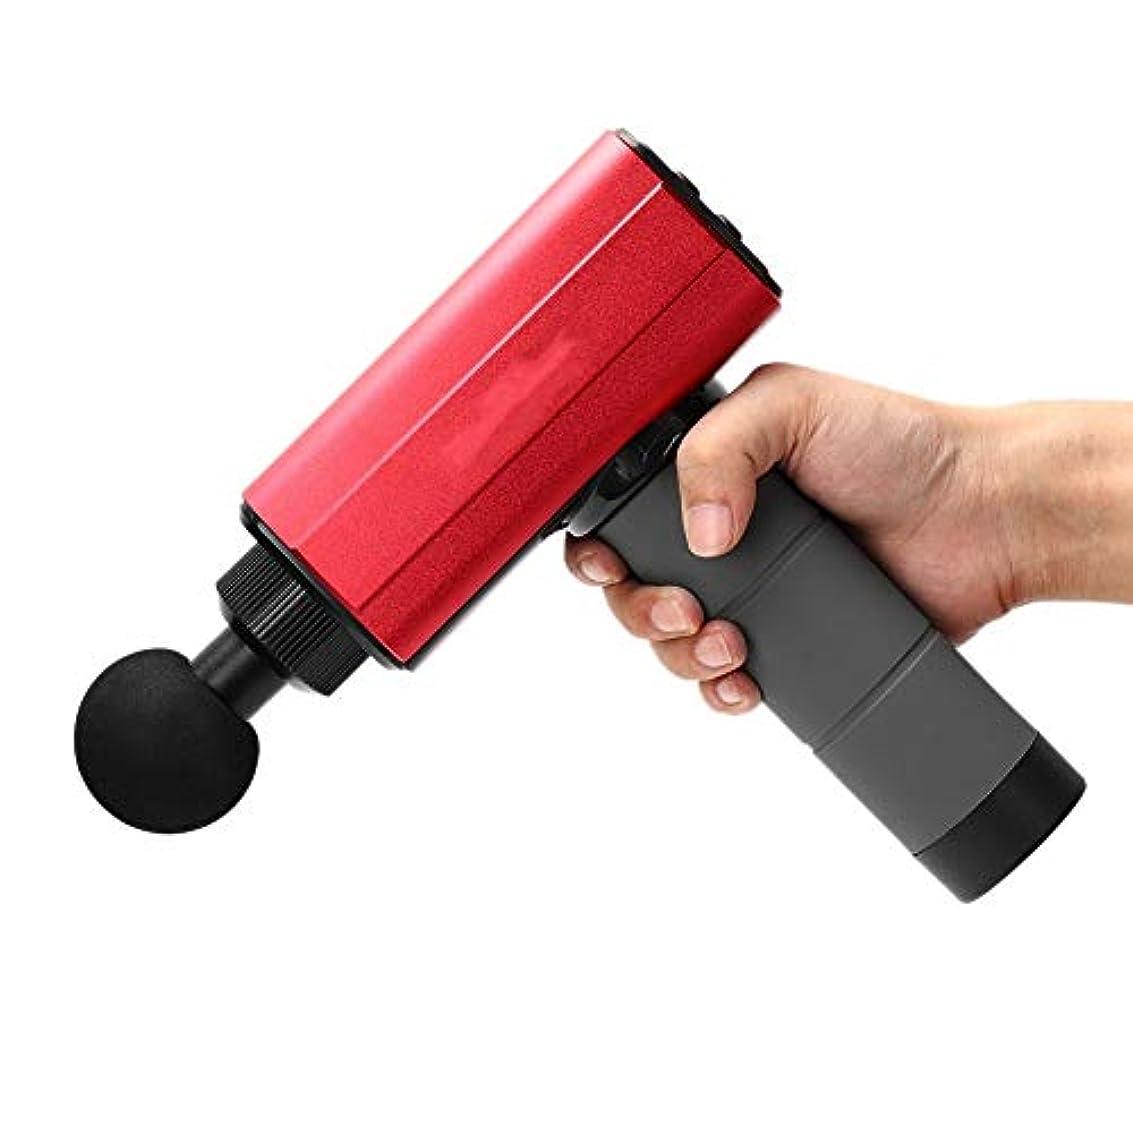 思春期の真剣に未知の手持ち型の深いティッシュ筋肉マッサージャー銃の再充電可能なマッサージ装置、体の痛みのための専門のコードレスパーカッション(US Plug)